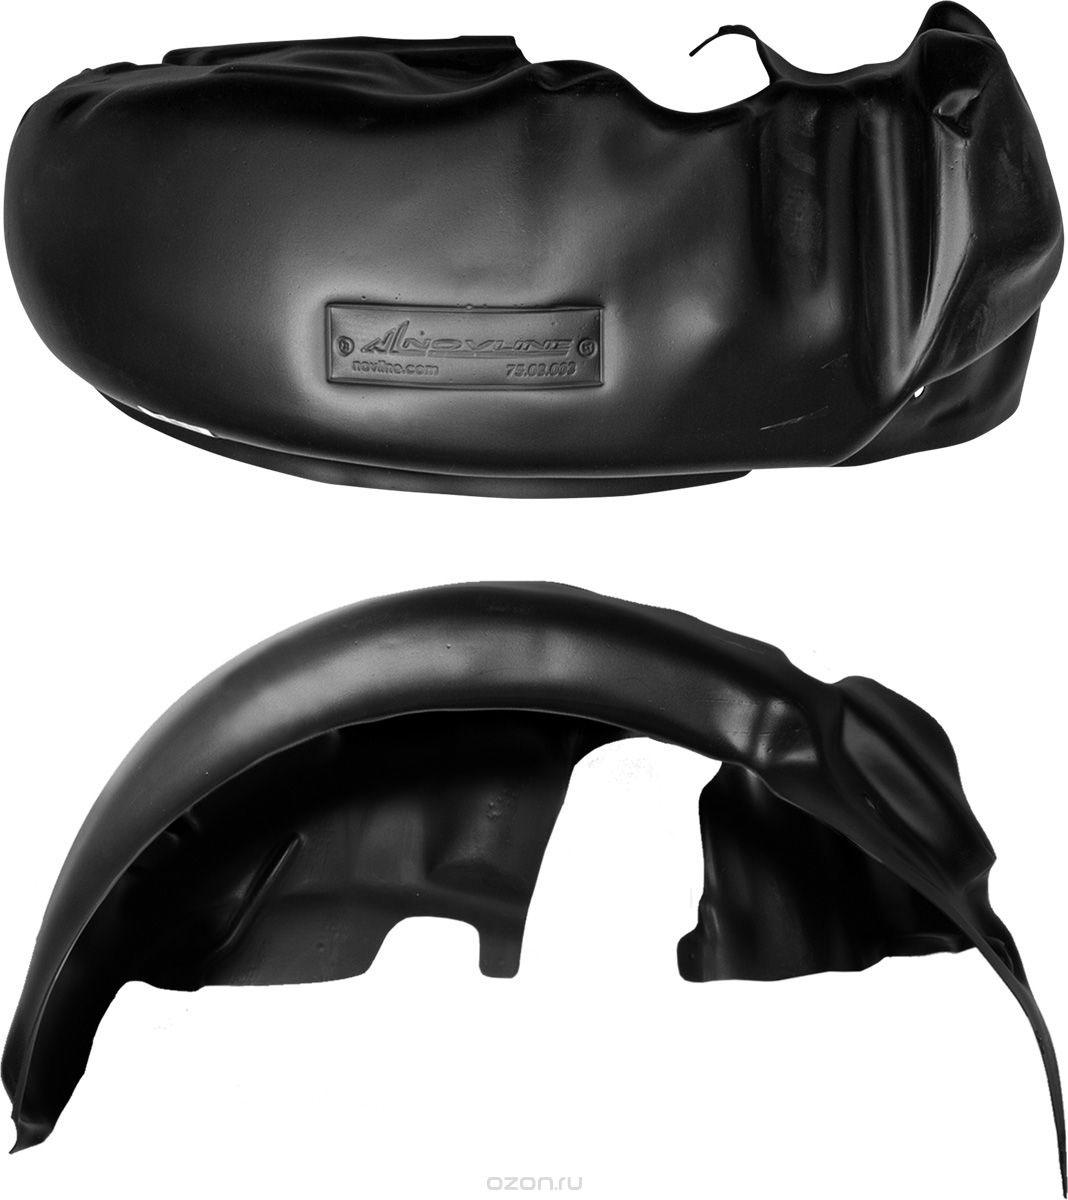 Подкрылок Novline-Autofamily, для MITSUBISHI Colt 3D,5D 10/2009->, передний левый, NLL.35.21.001NLL.35.21.001Идеальная защита колесной ниши. Локеры разработаны с применением цифровых технологий, гарантируют максимальную повторяемость поверхности арки. Изделия устанавливаются без нарушения лакокрасочного покрытия автомобиля, каждый подкрылок комплектуется крепежом. Уважаемые клиенты, обращаем ваше внимание, что фотографии на подкрылки универсальные и не отражают реальную форму изделия. При этом само изделие идет точно под размер указанного автомобиля.